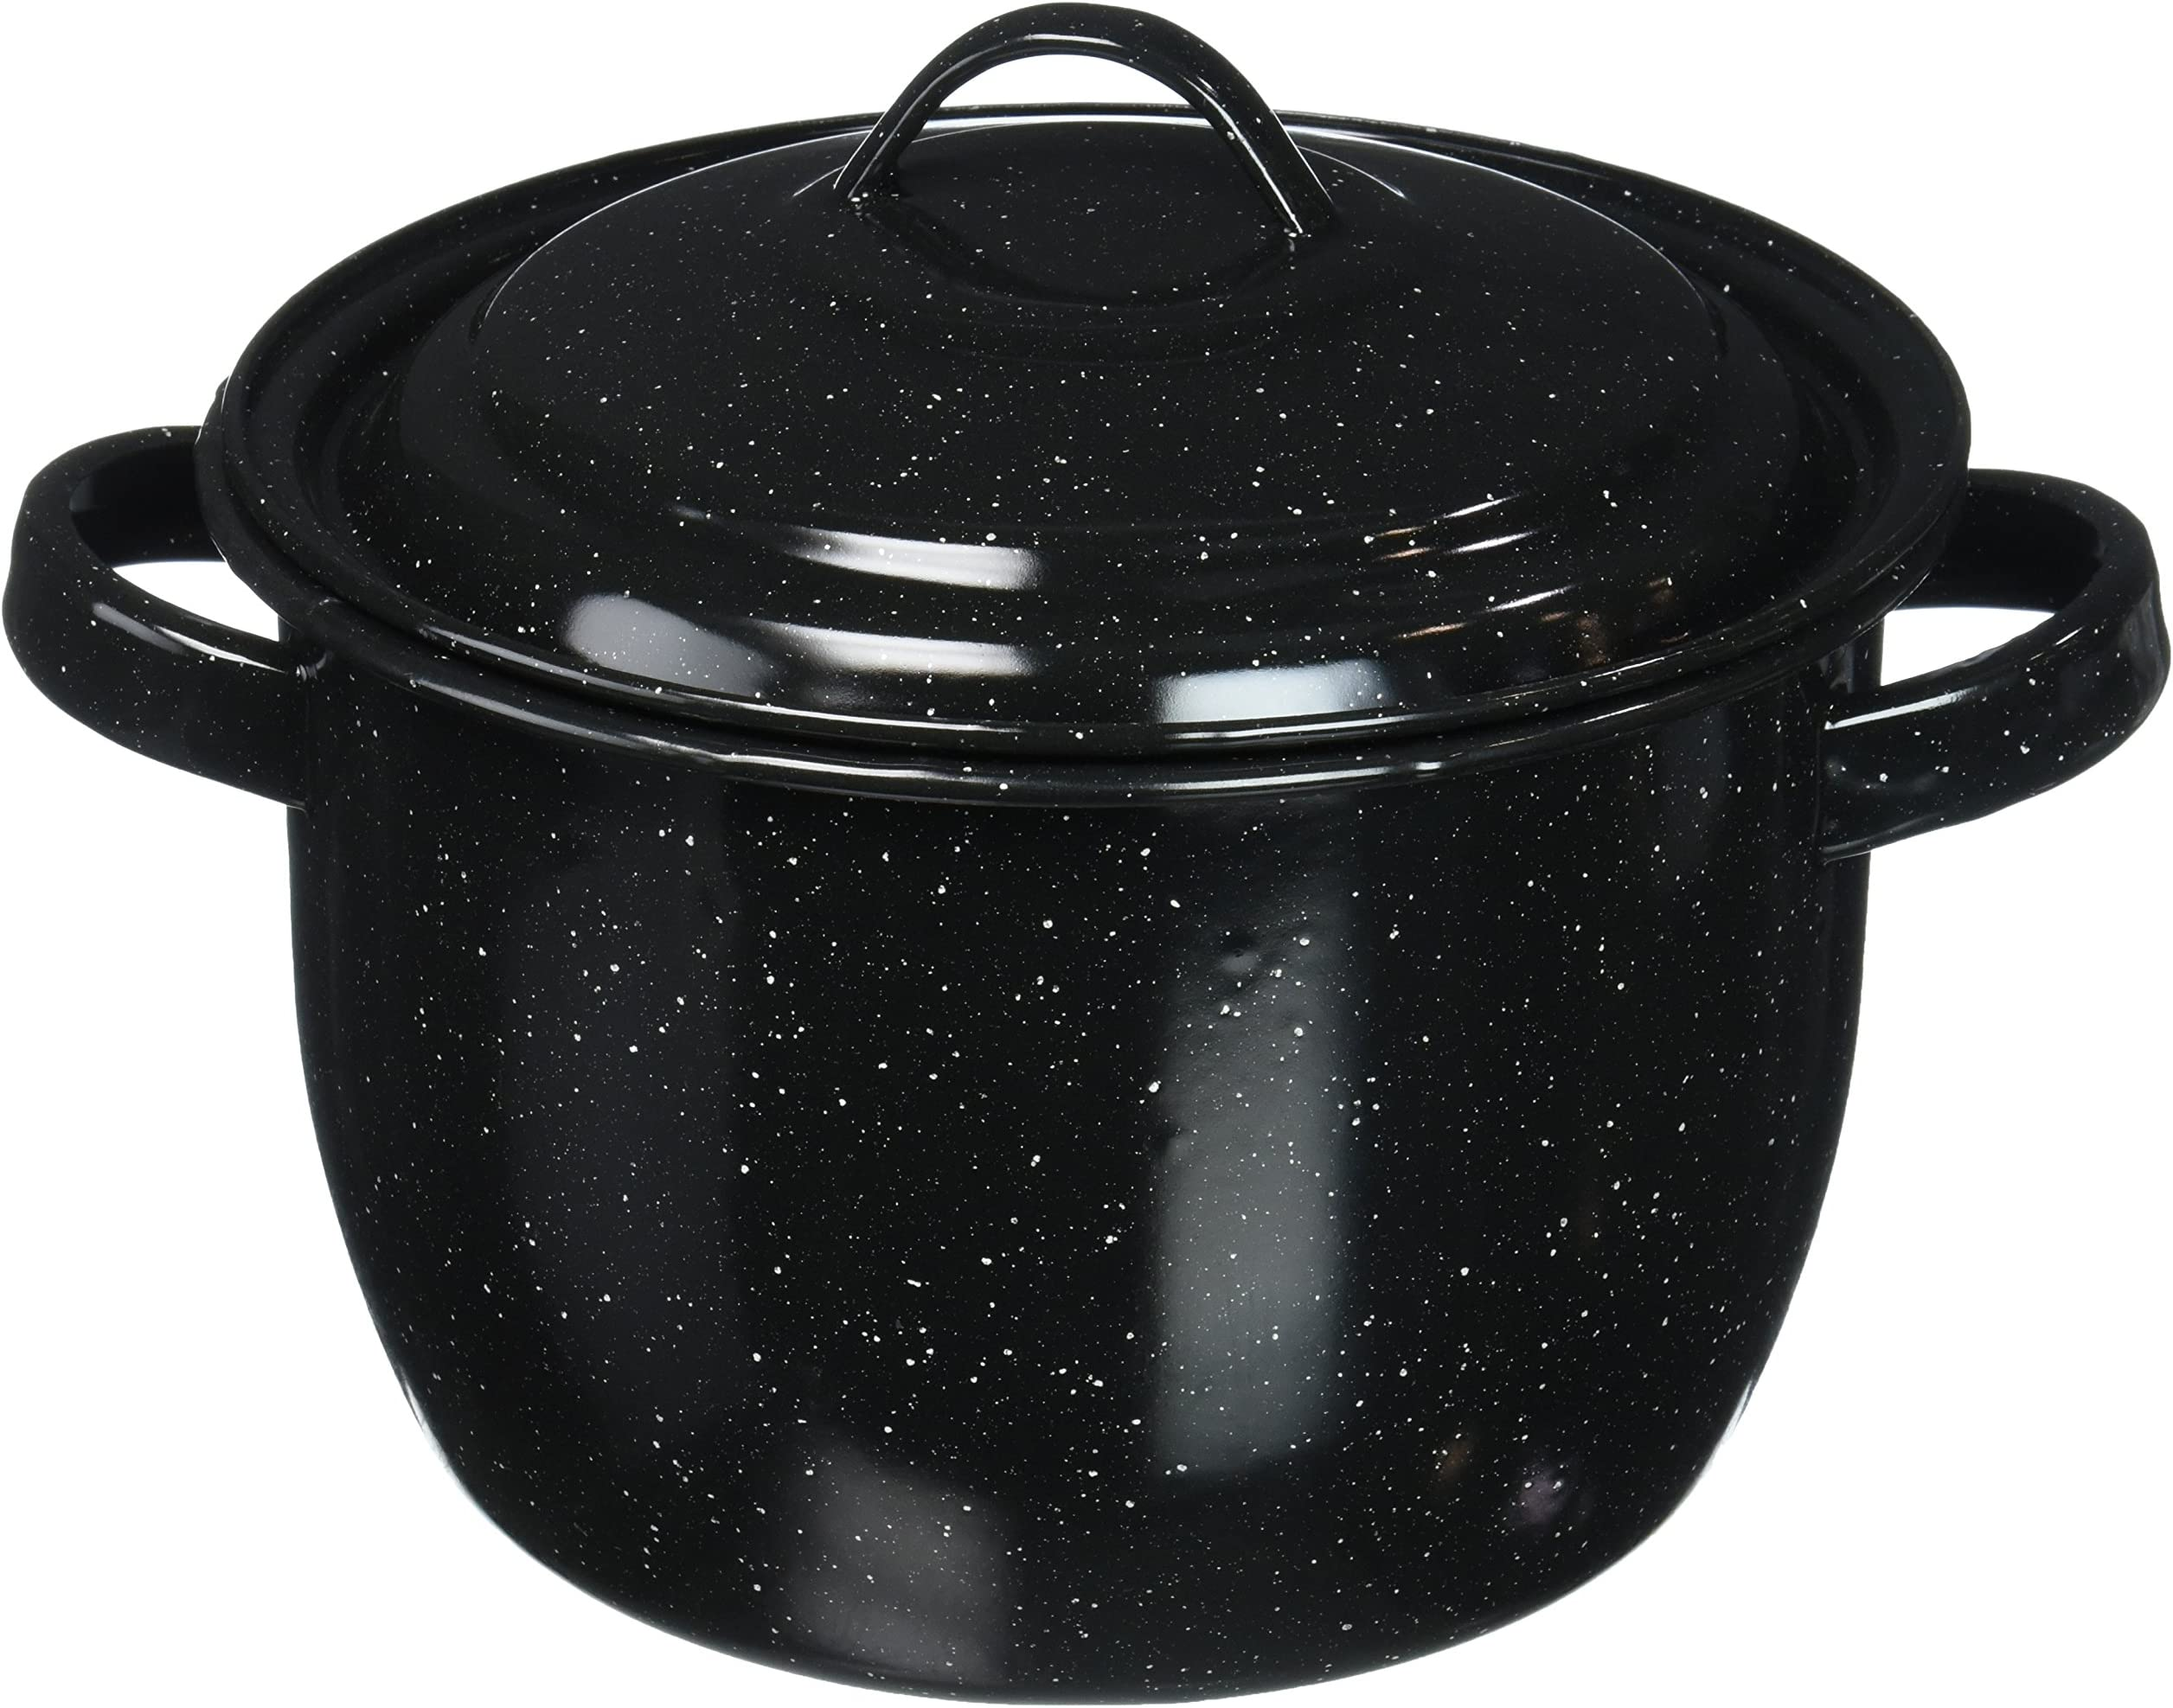 Granite Ware 4QT Basin Food Safe Nonstick Porcelain Steel Serving Platter Dish